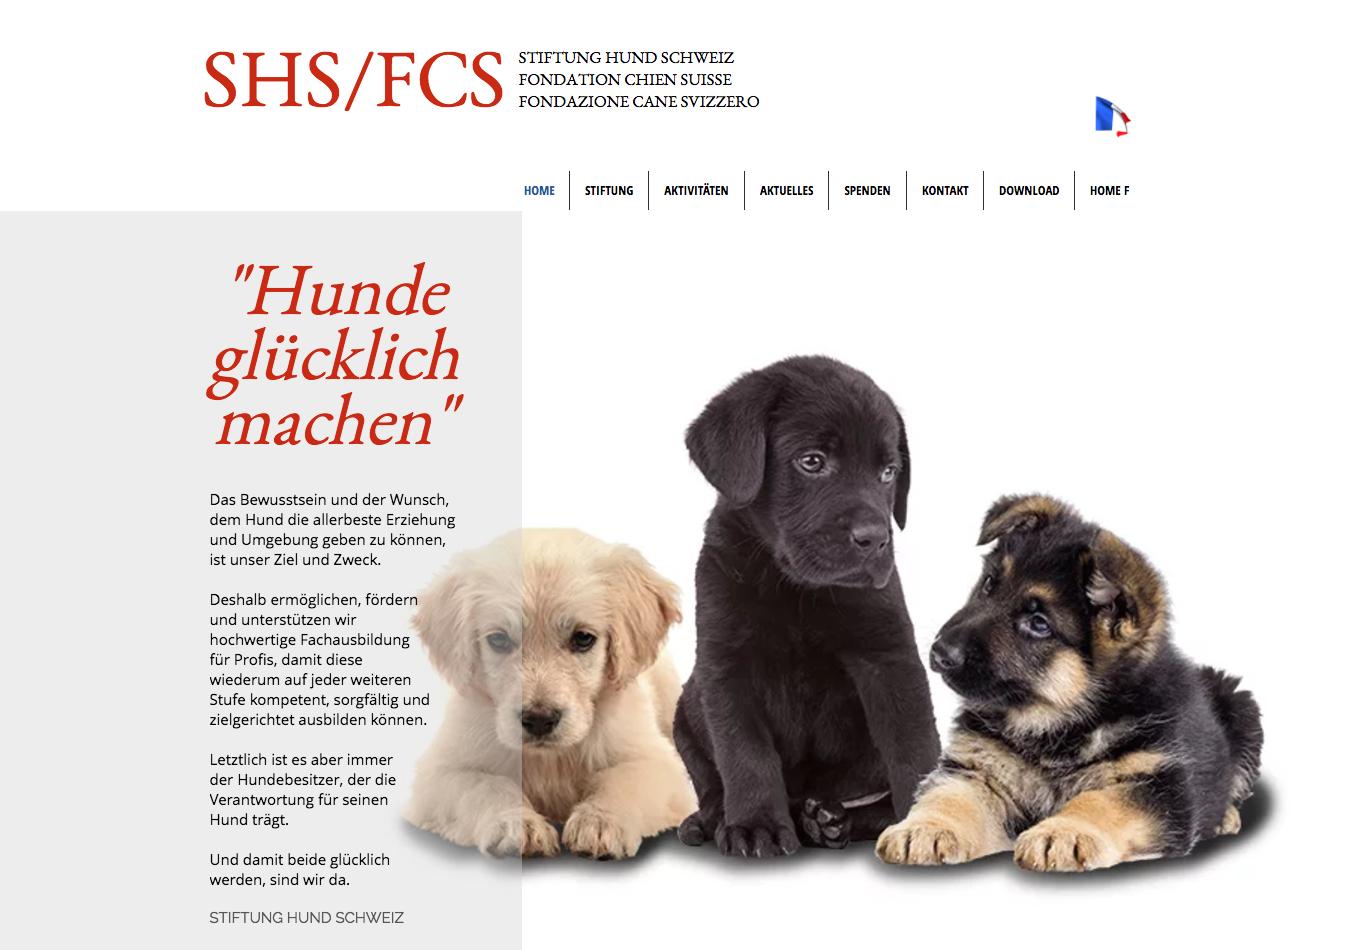 Stiftung Hund Schweiz